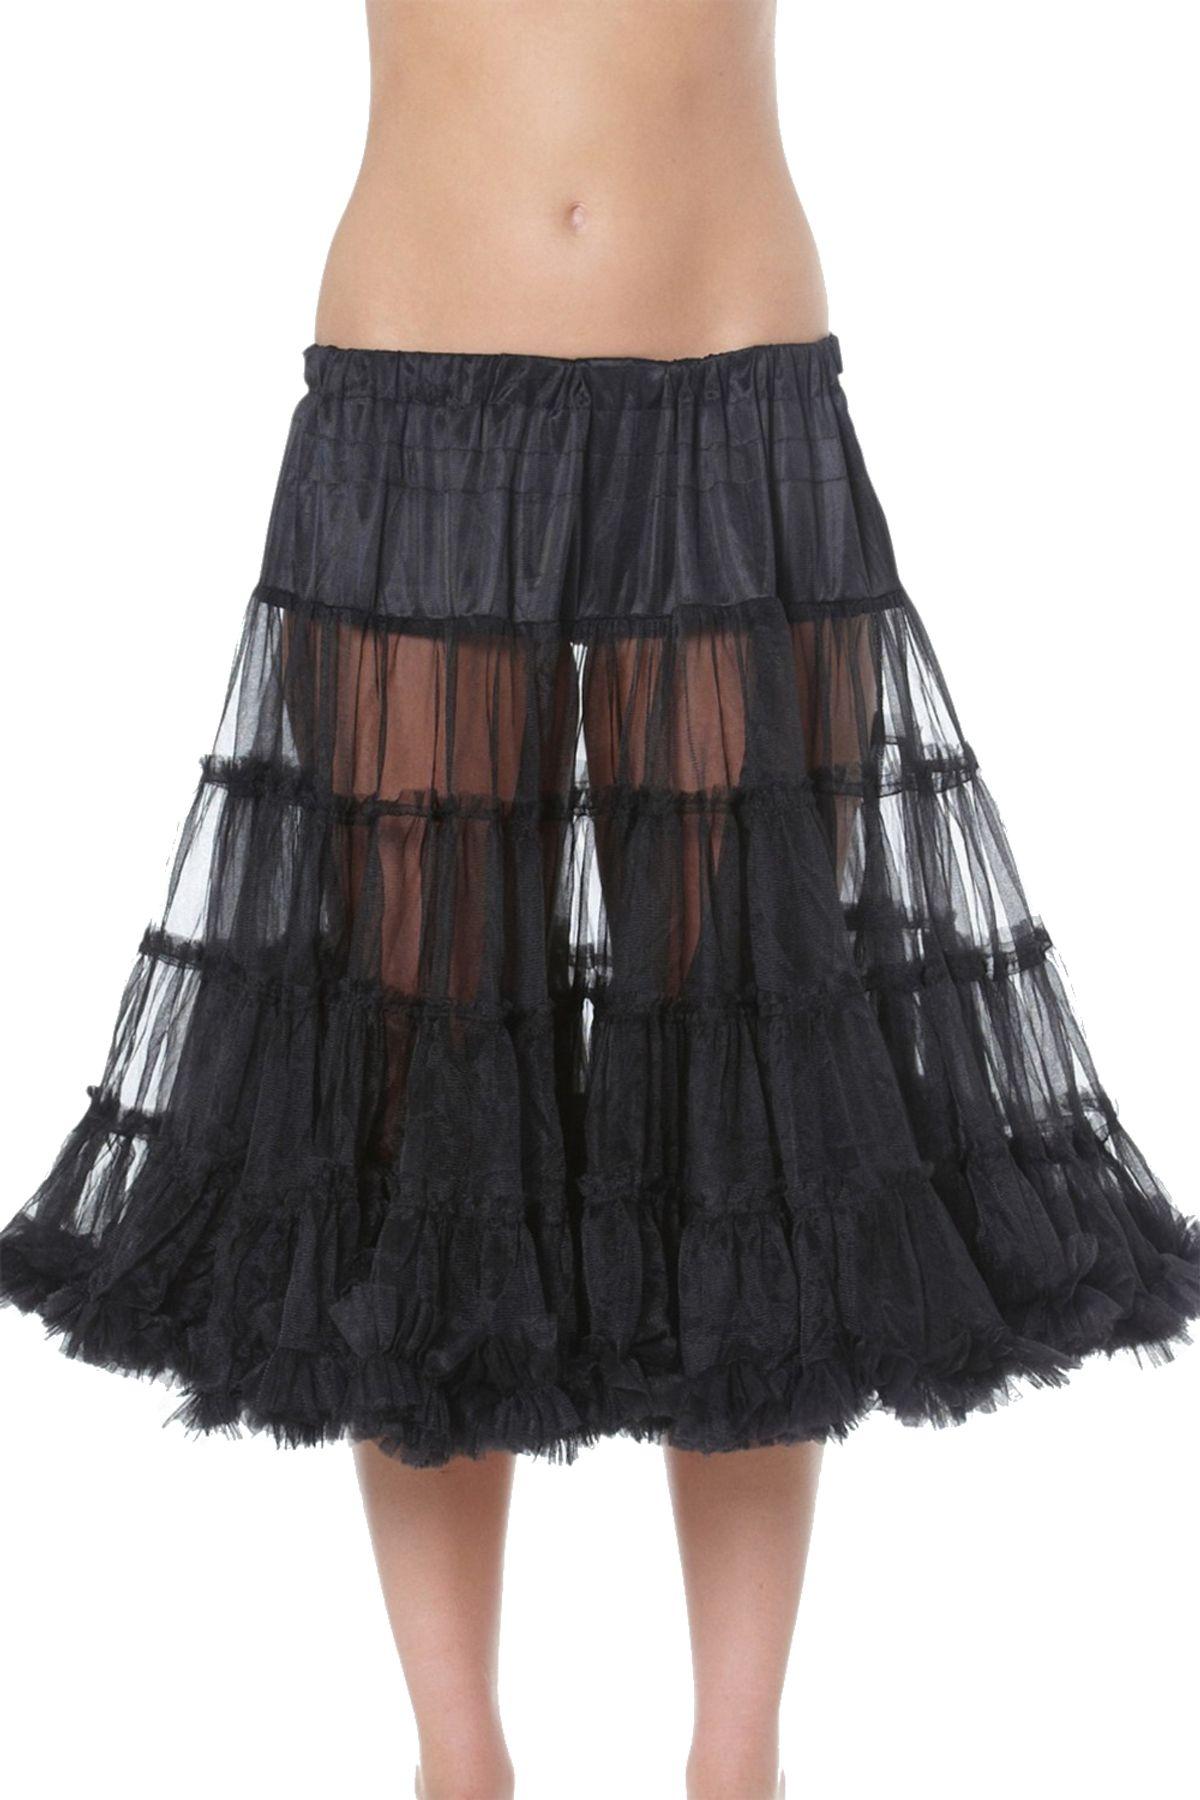 Krüger - Damen Petticoat, 70 cm Länge, Taillenweit ist frei regulierbar von Gr. 32 bis 46 in Schwarz , Black 70 (Artikelnummer: 470-4) – Bild 2